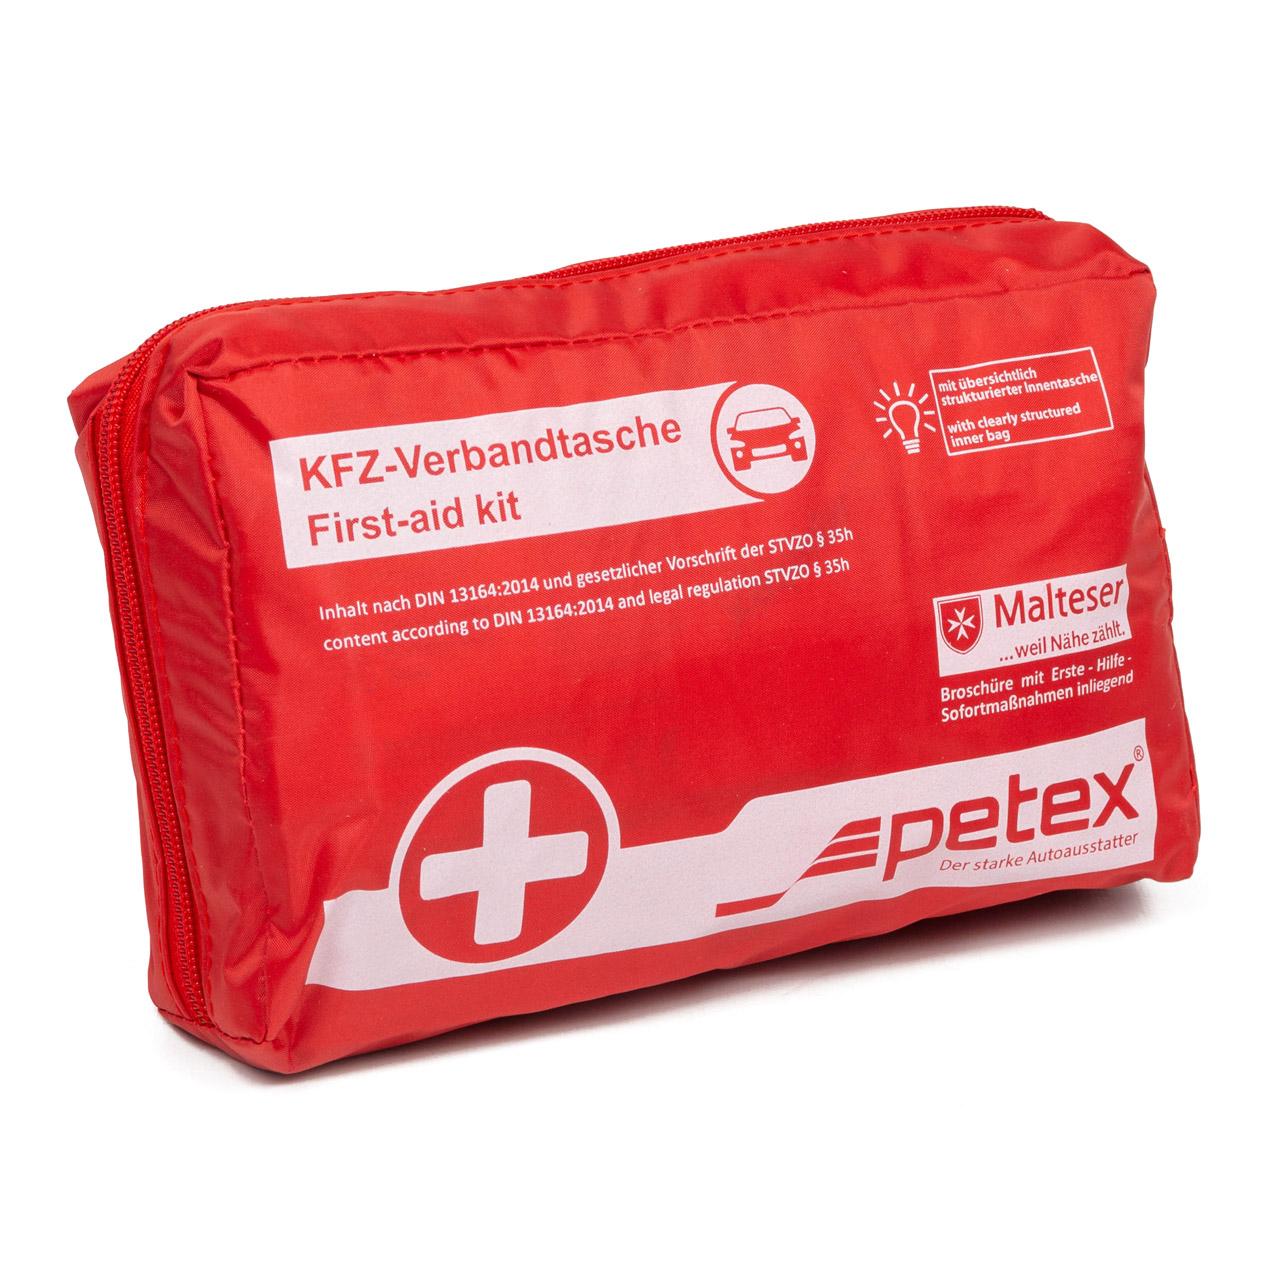 PETEX KFZ Auto PKW Verbandtasche Verbandskasten ROT Erste Hilfe (MHD 12.2025)